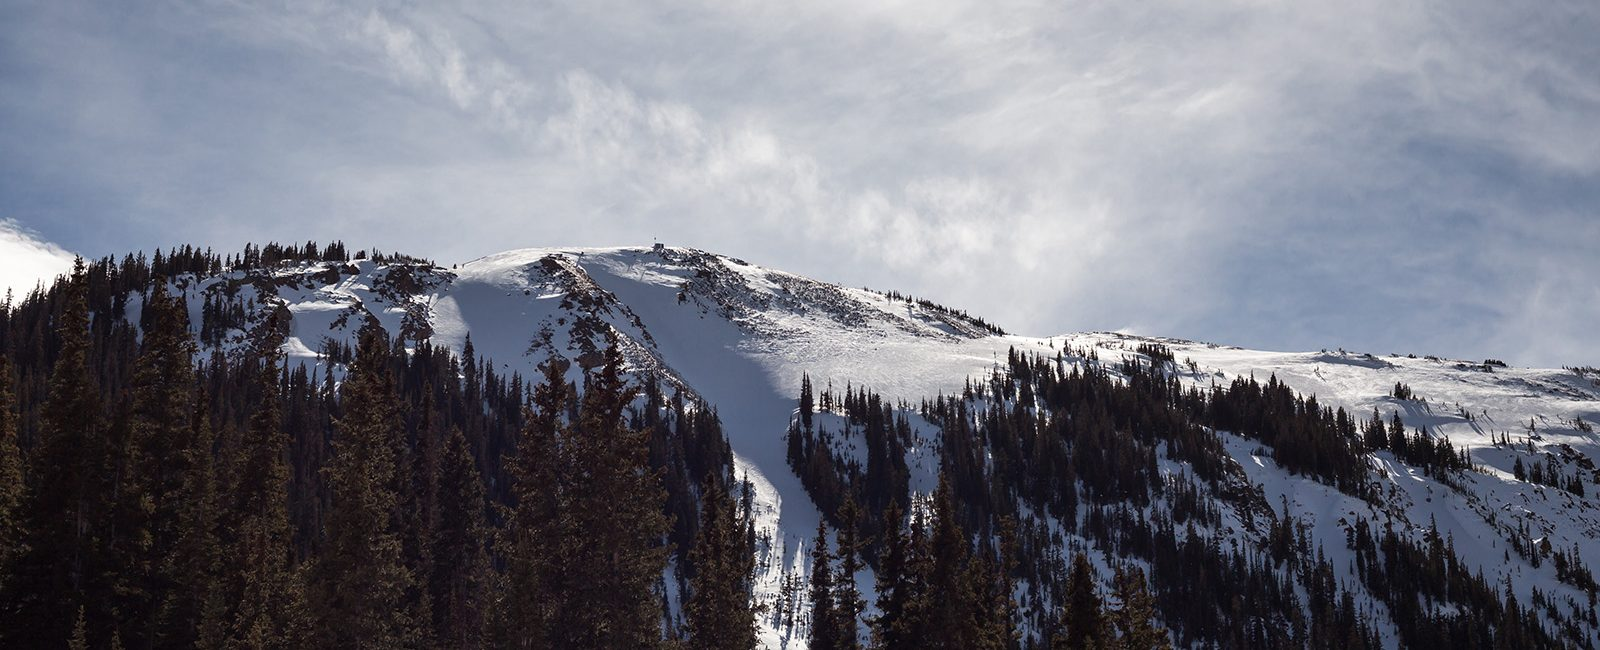 from Cohen gay skiing colorado